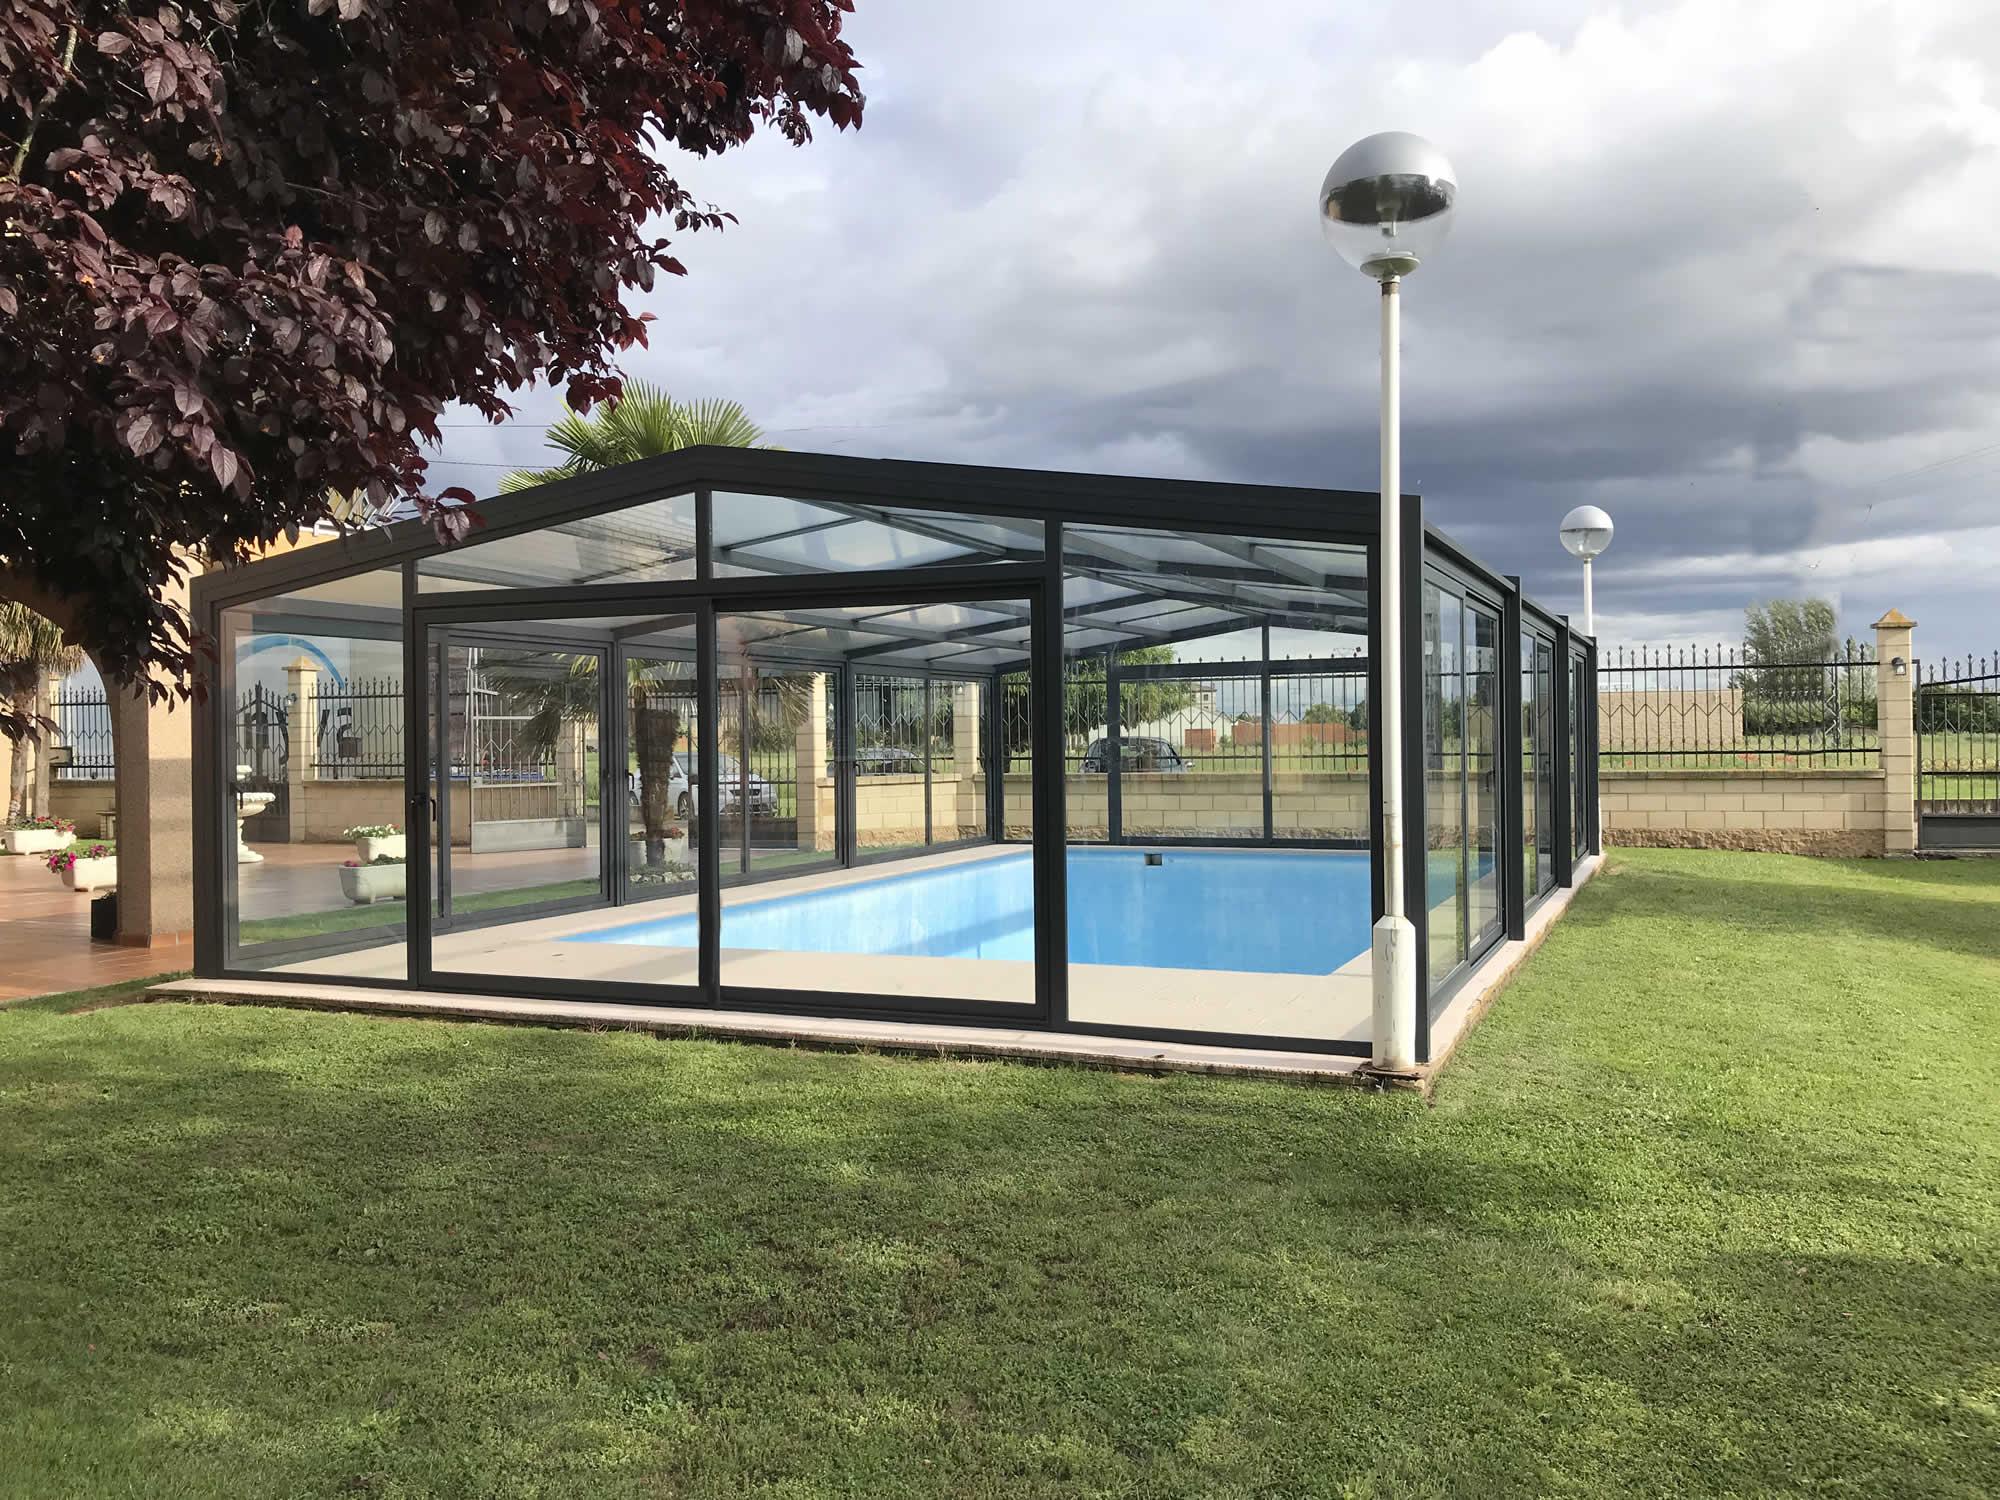 Cubierta Vulcano: Cerramiento policarbonato alto y fijo para piscina en León exterior